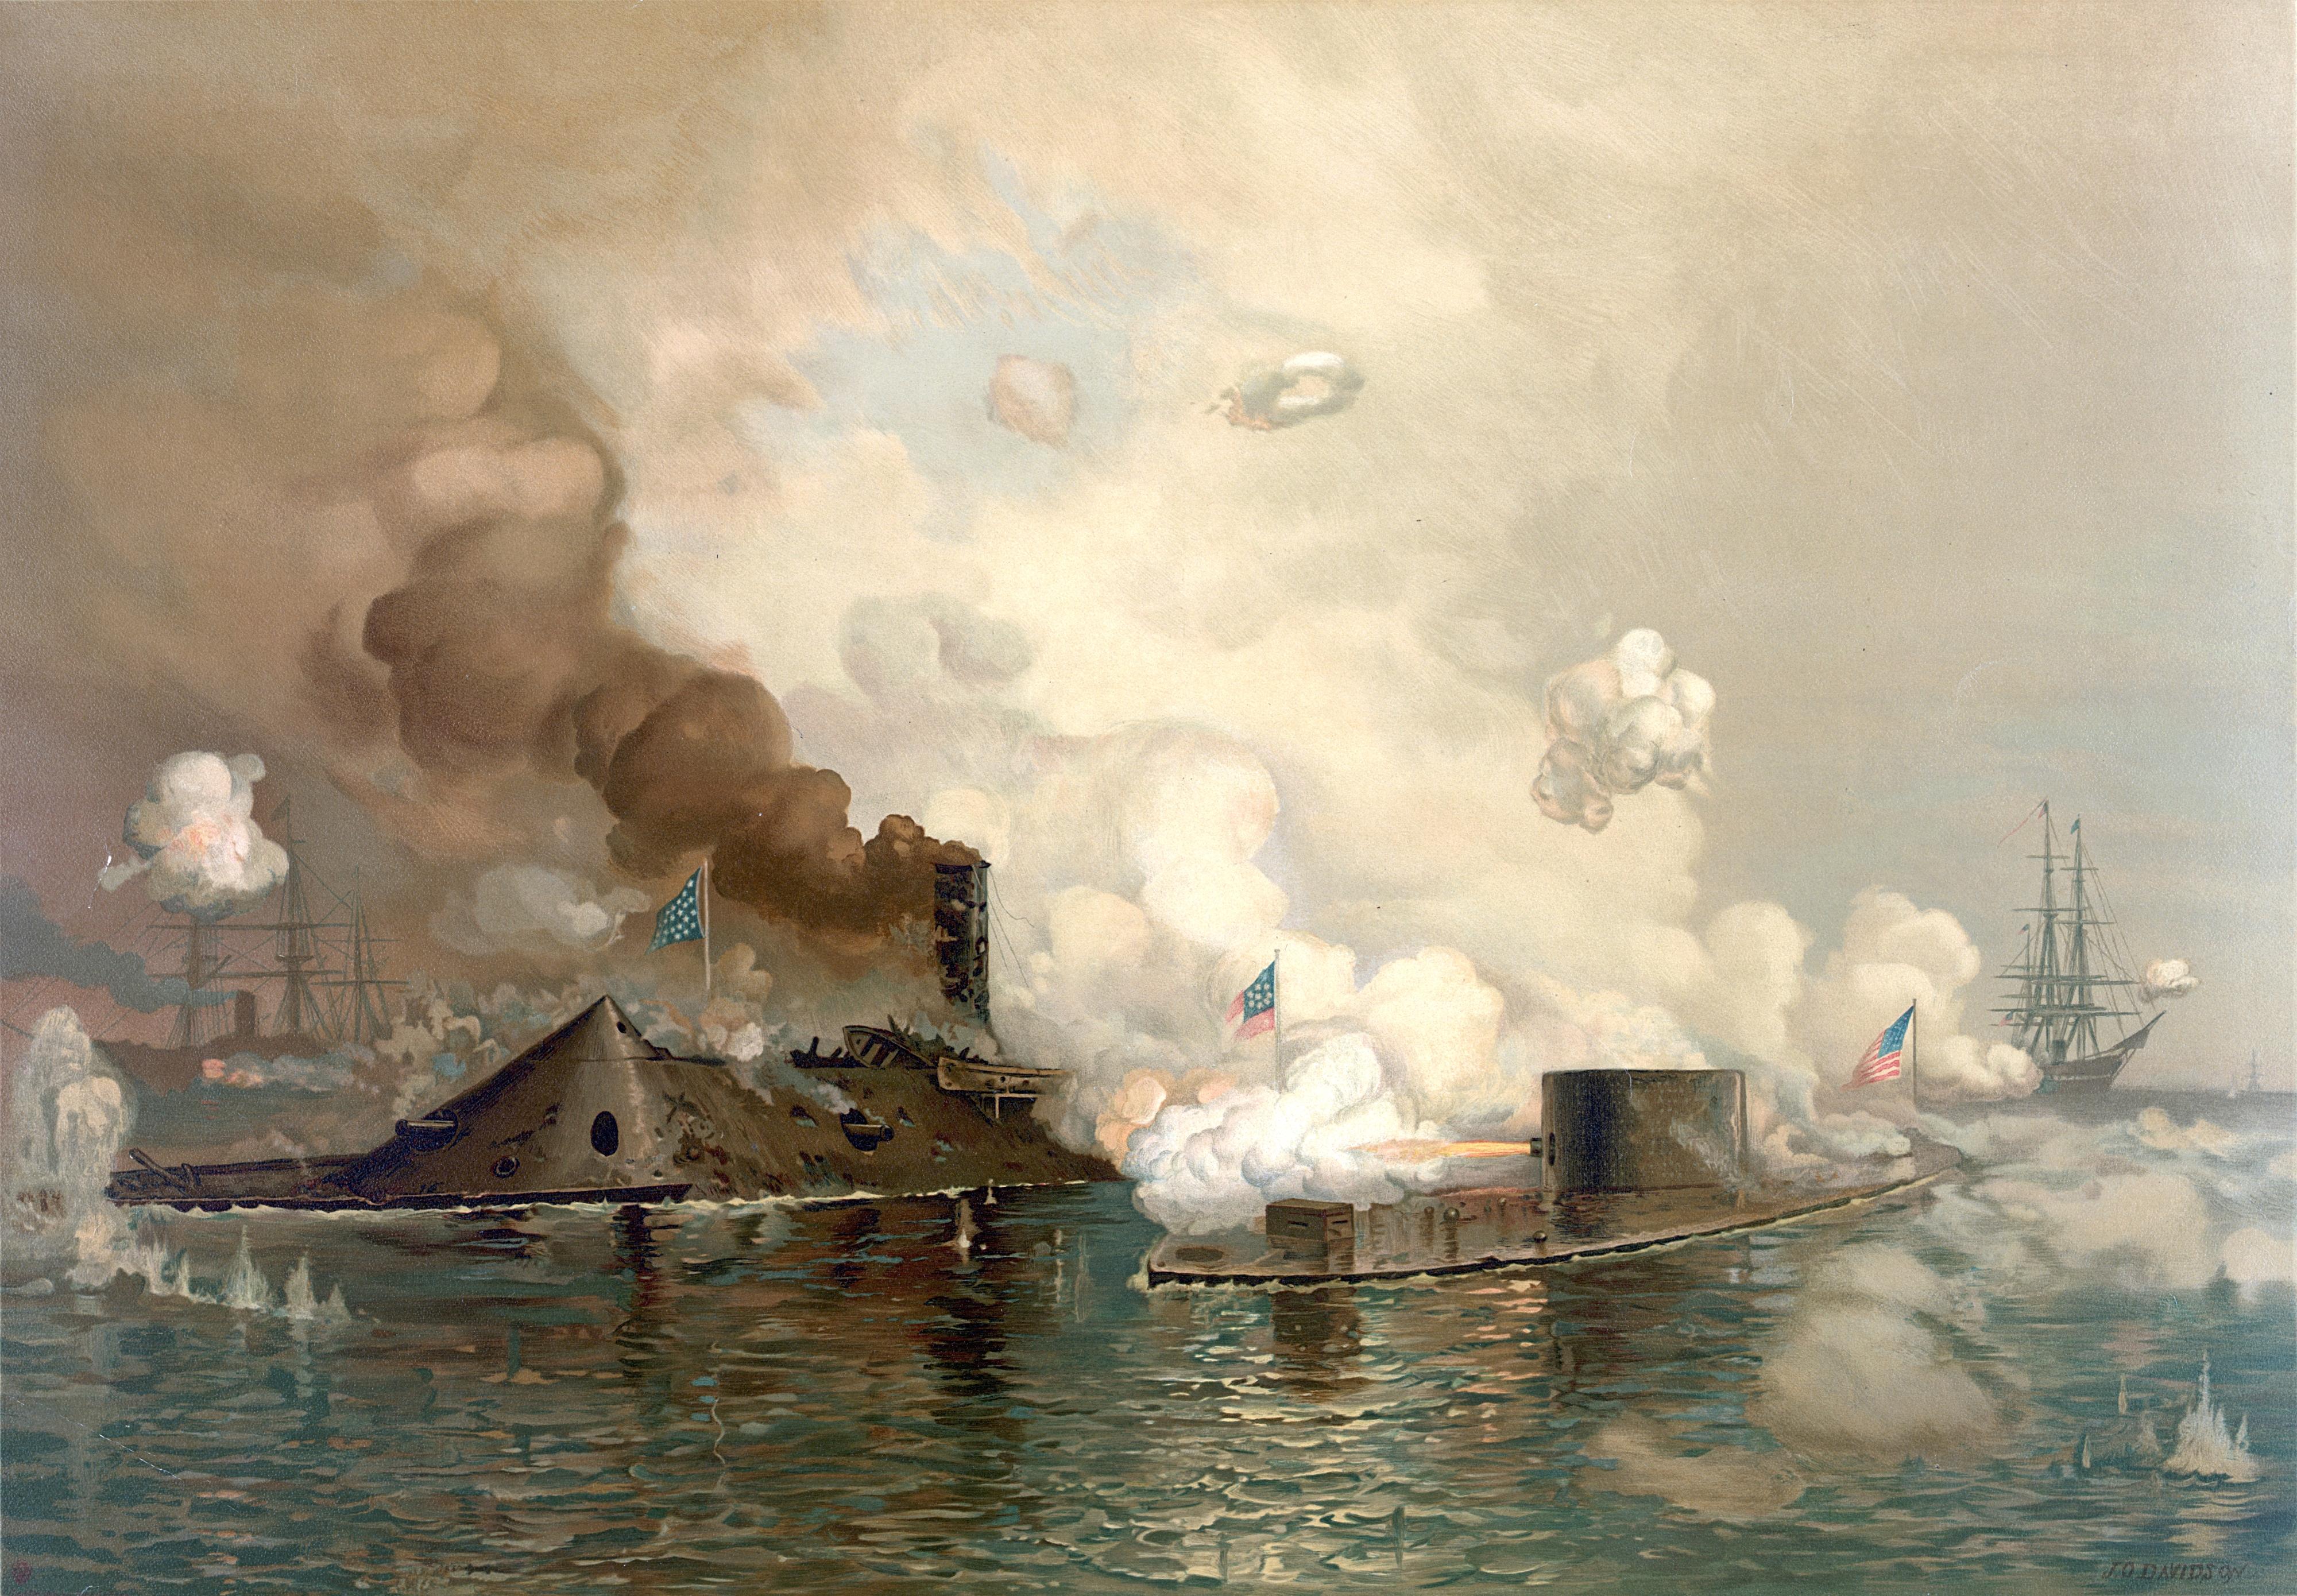 Джулиан Дэвидсон. «Монитор» против «Мэрримака». 1863